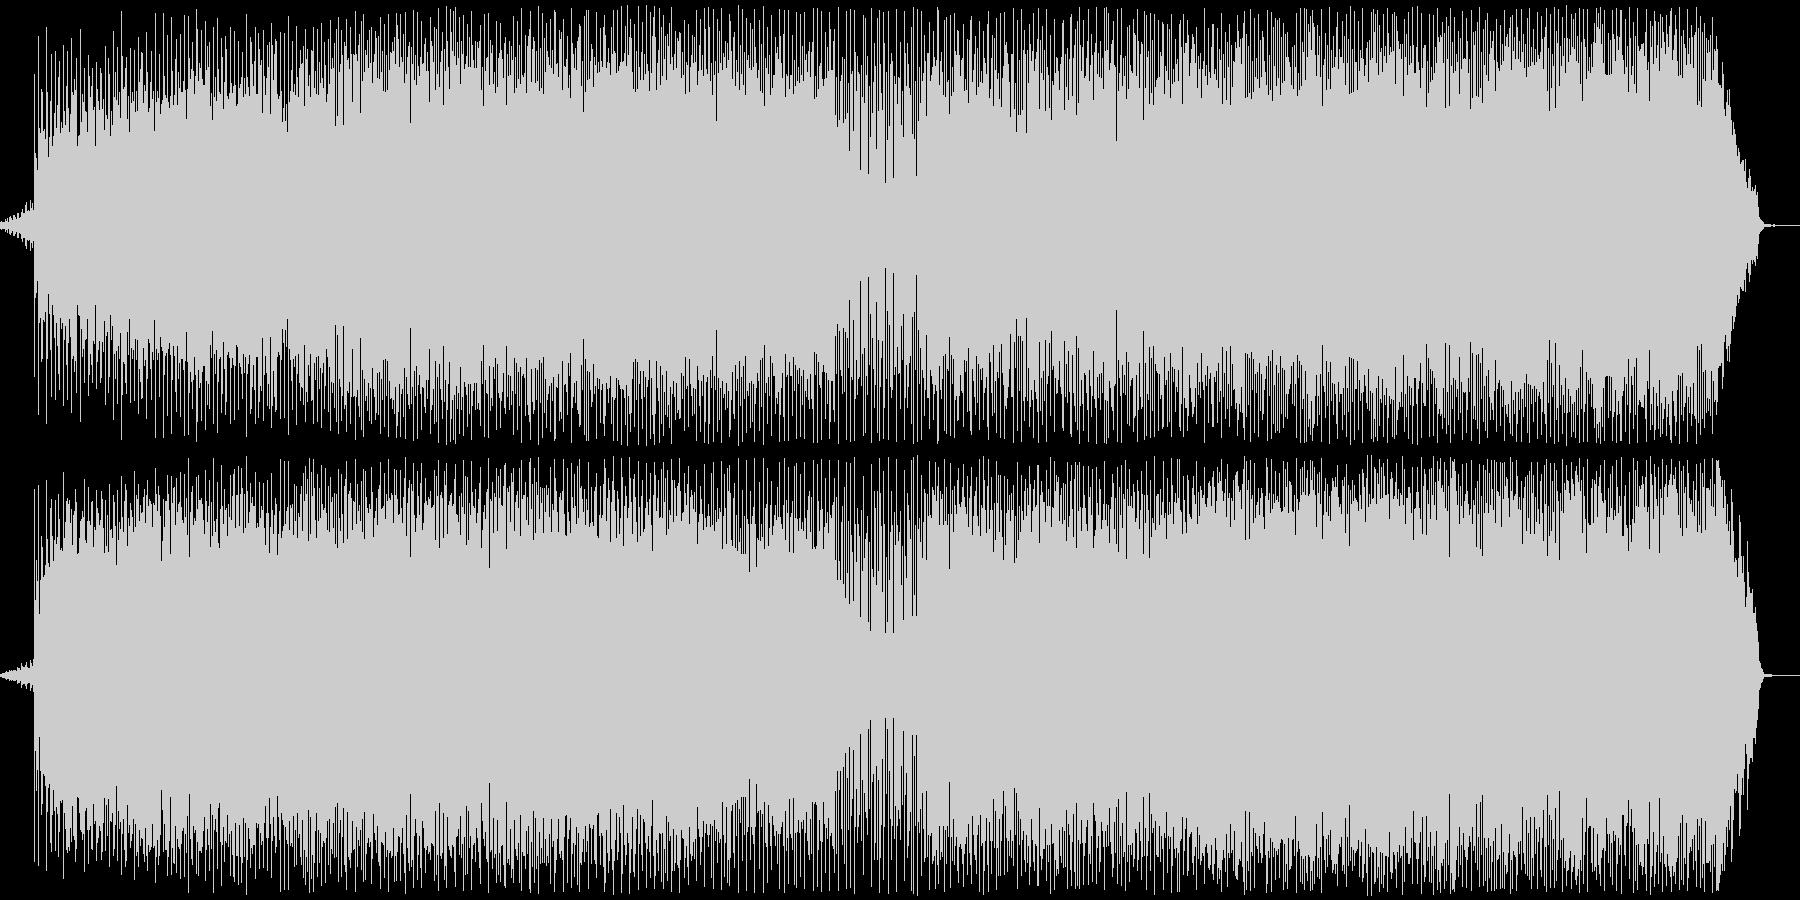 かっこいいエレクトロニカの未再生の波形